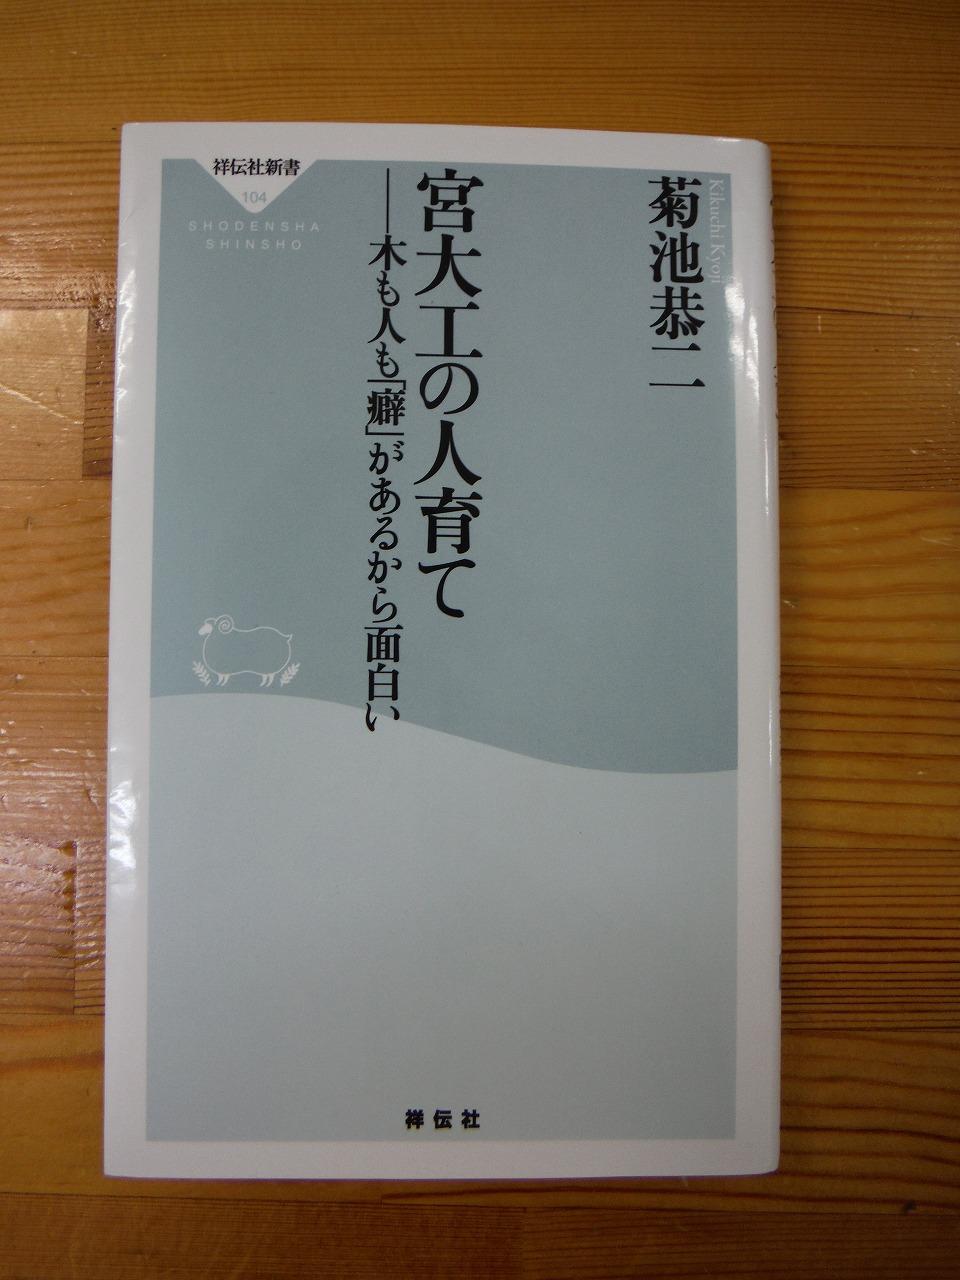 菊池さん著書.jpg